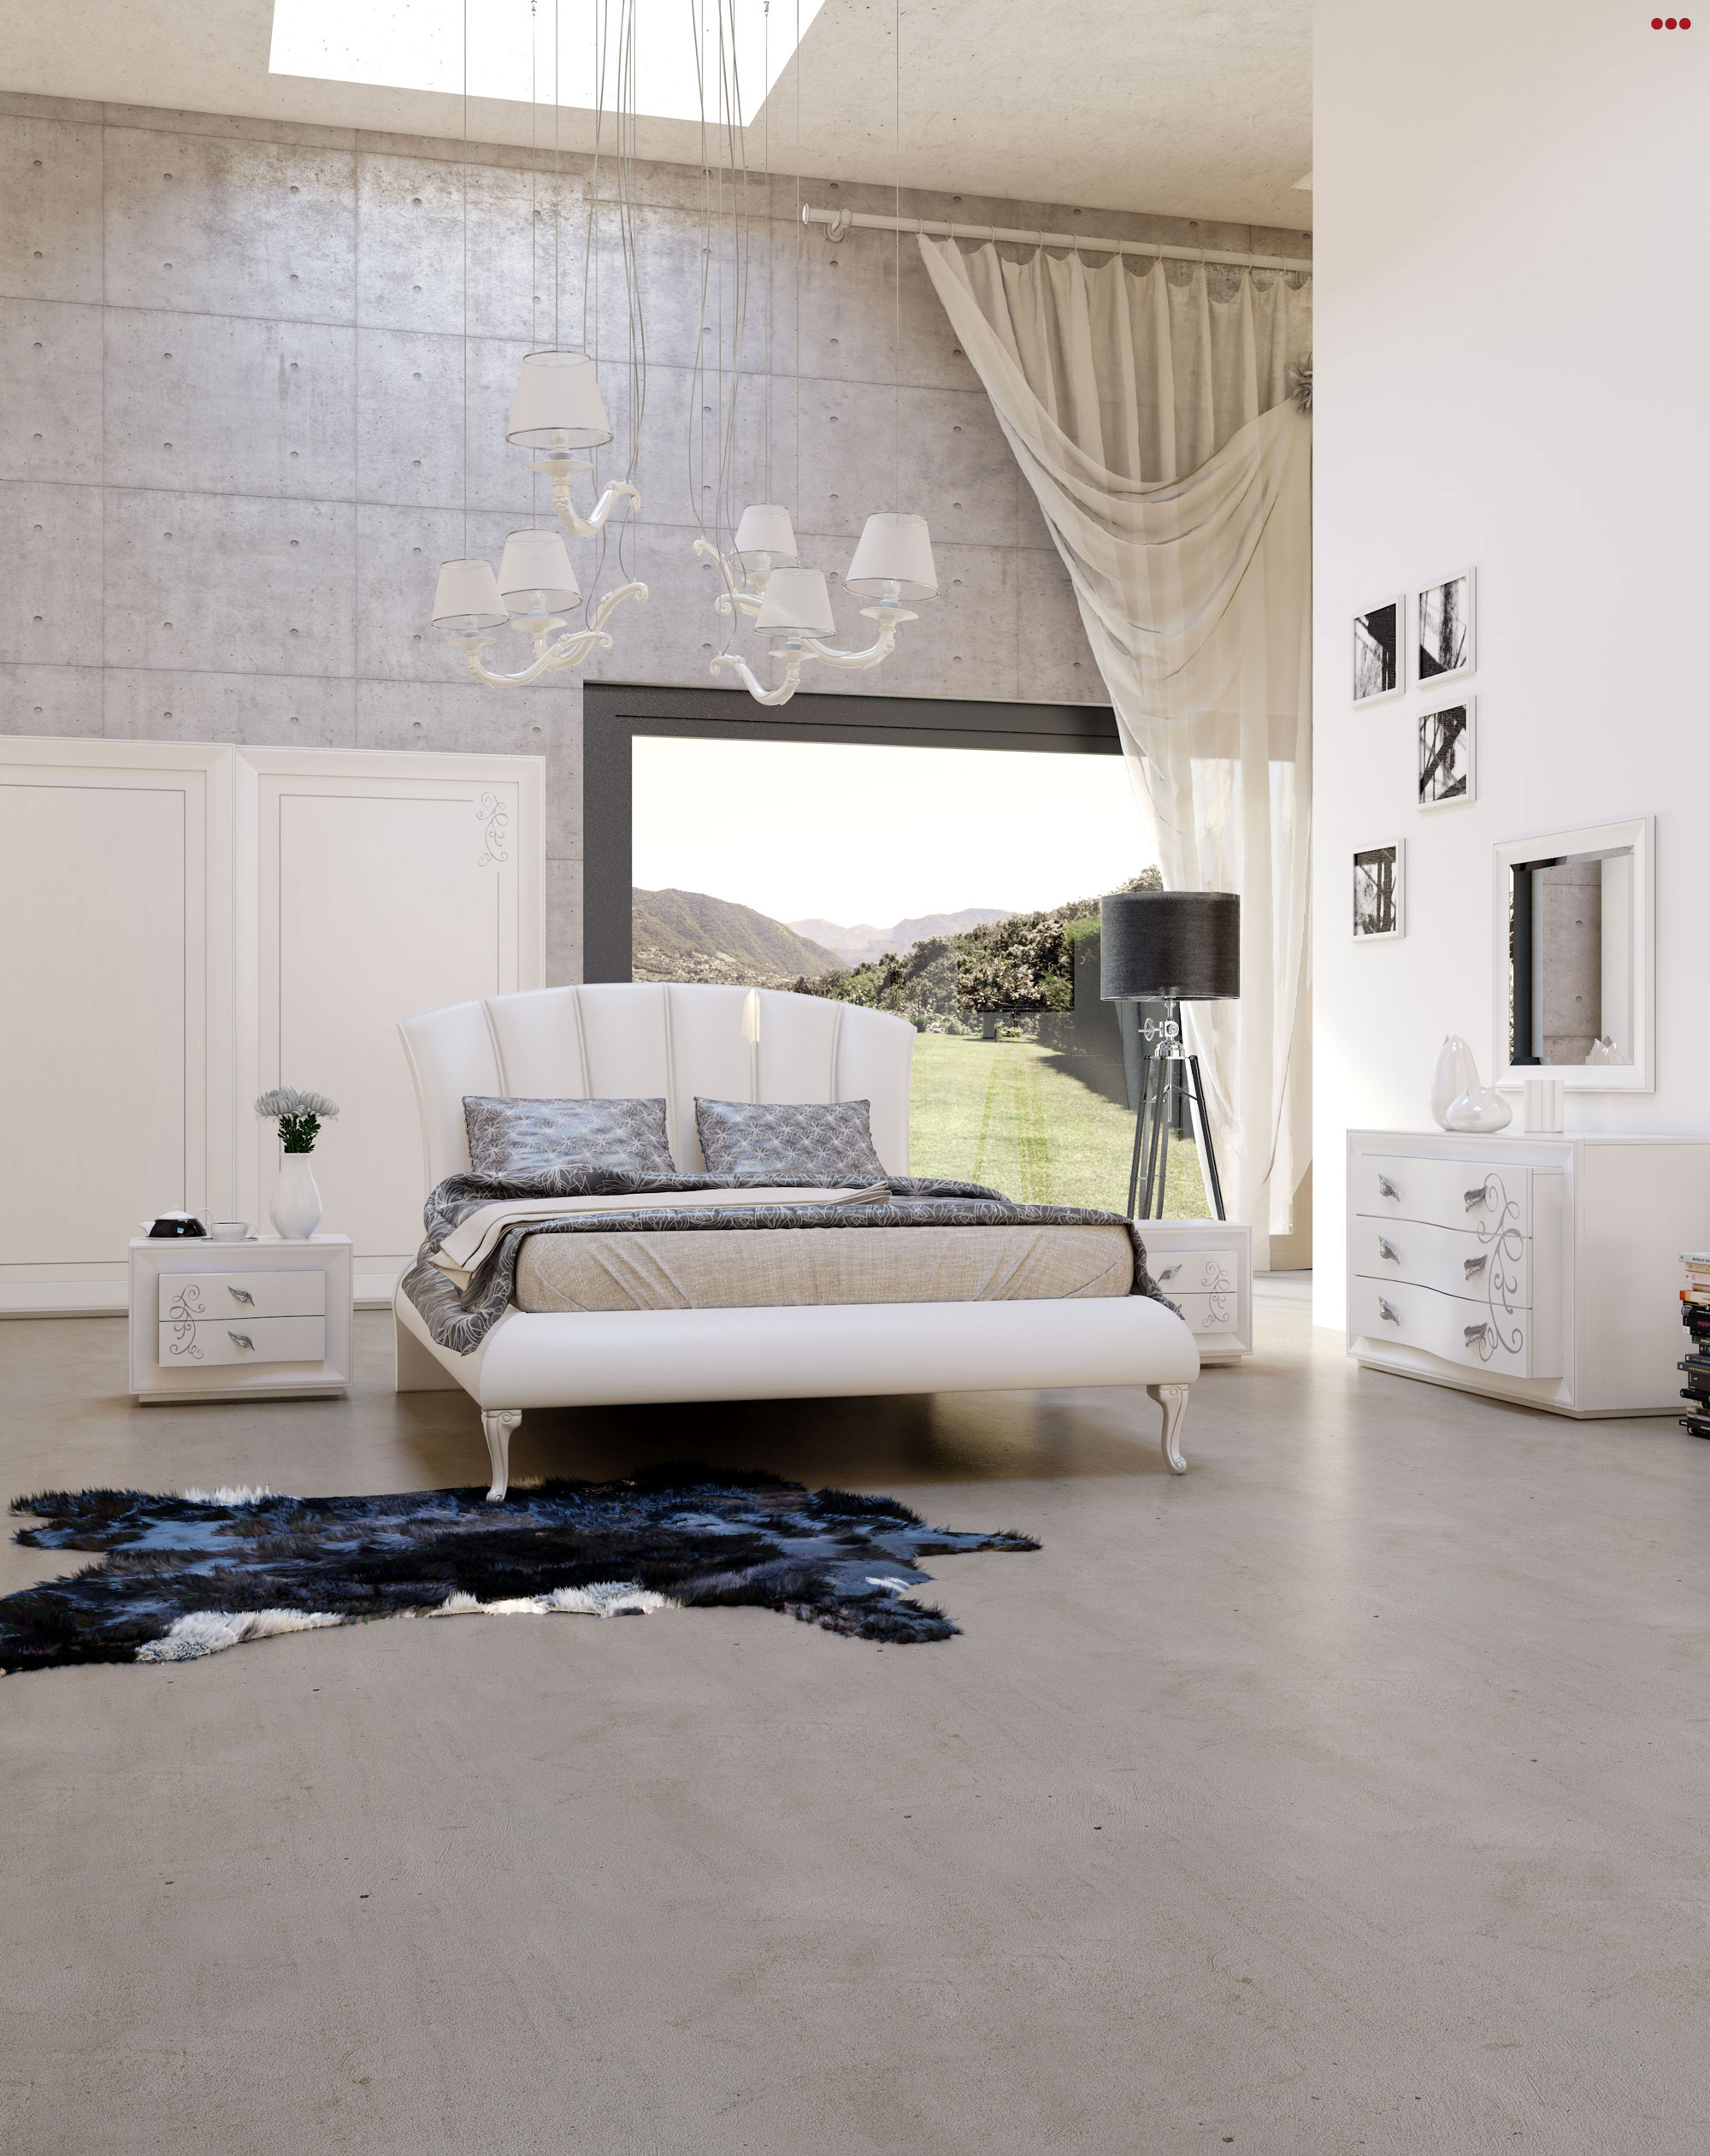 Studio Bartolini rendering progettazione 3d mobile classico catalogo euro design 2013 camera M cose di casa